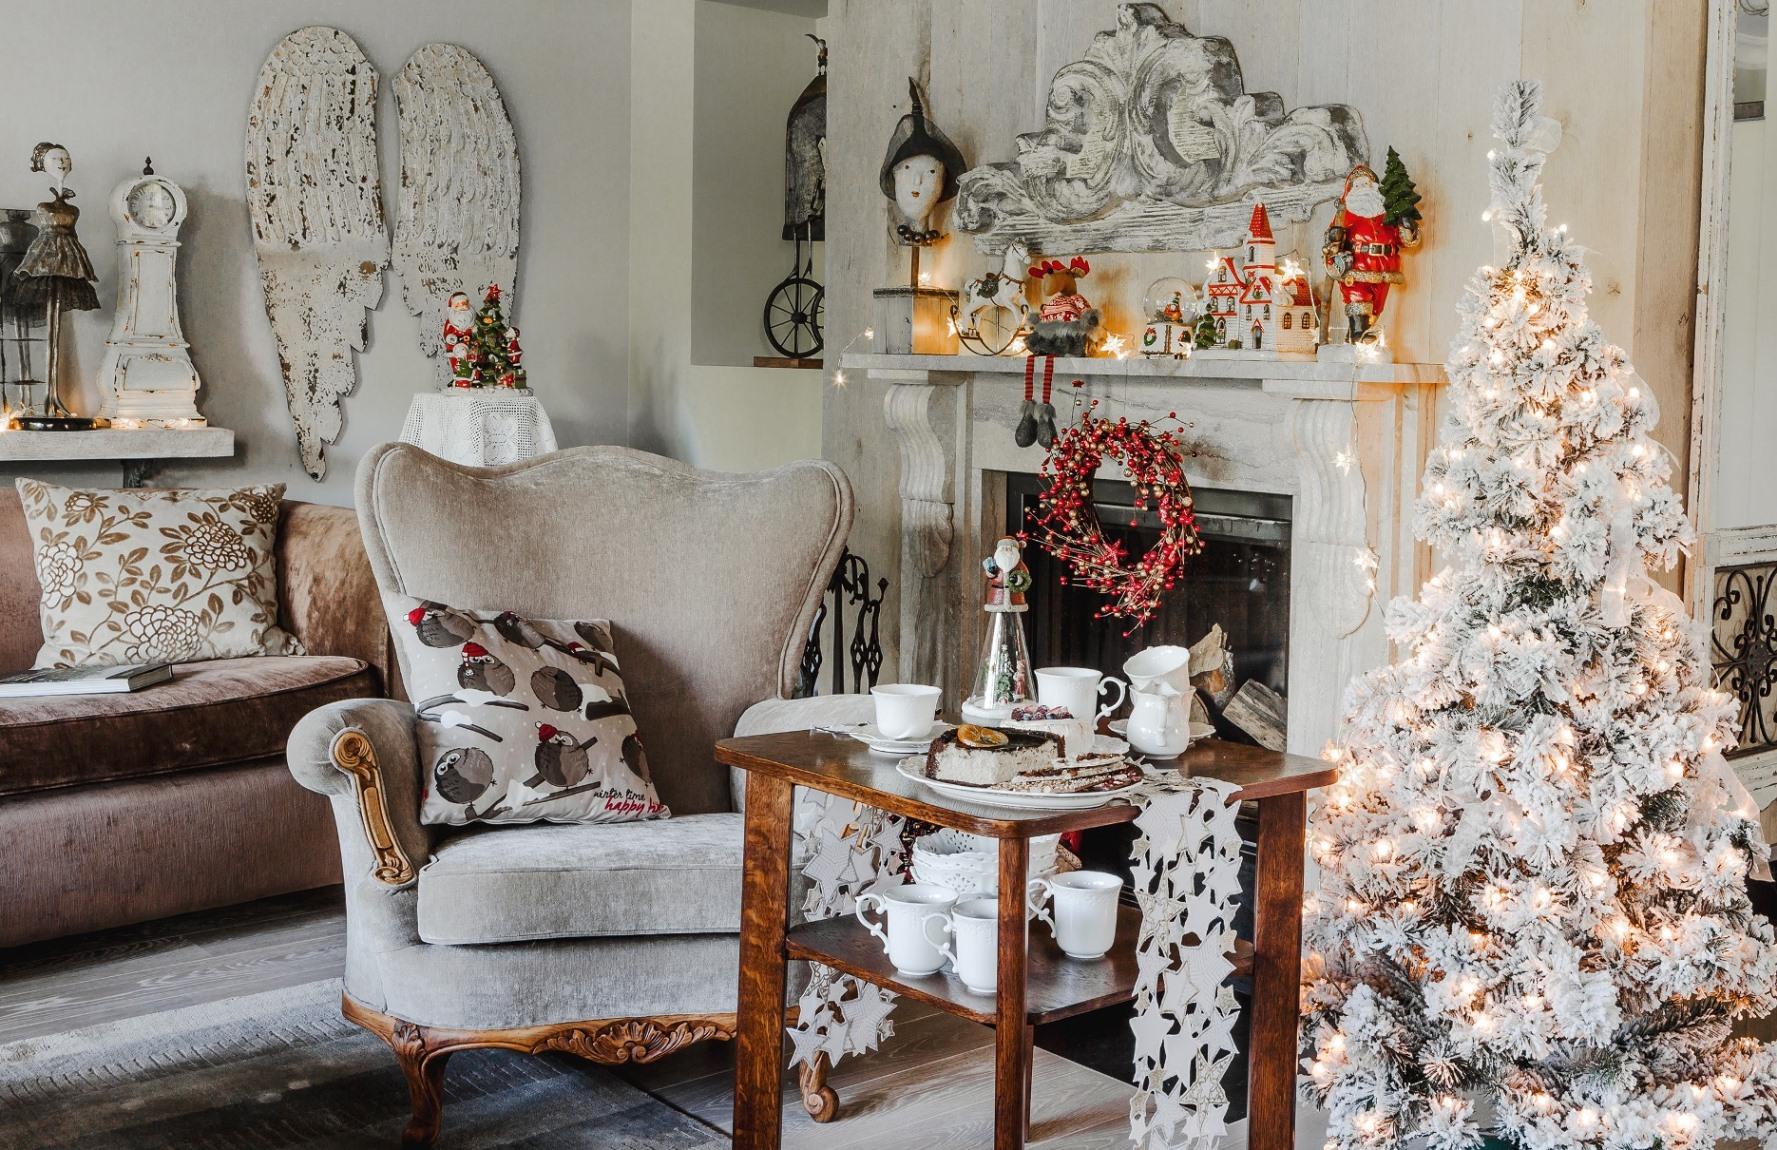 Stroimy dom na Święta! Jak we wnętrzu stworzyć magiczny nastrój?